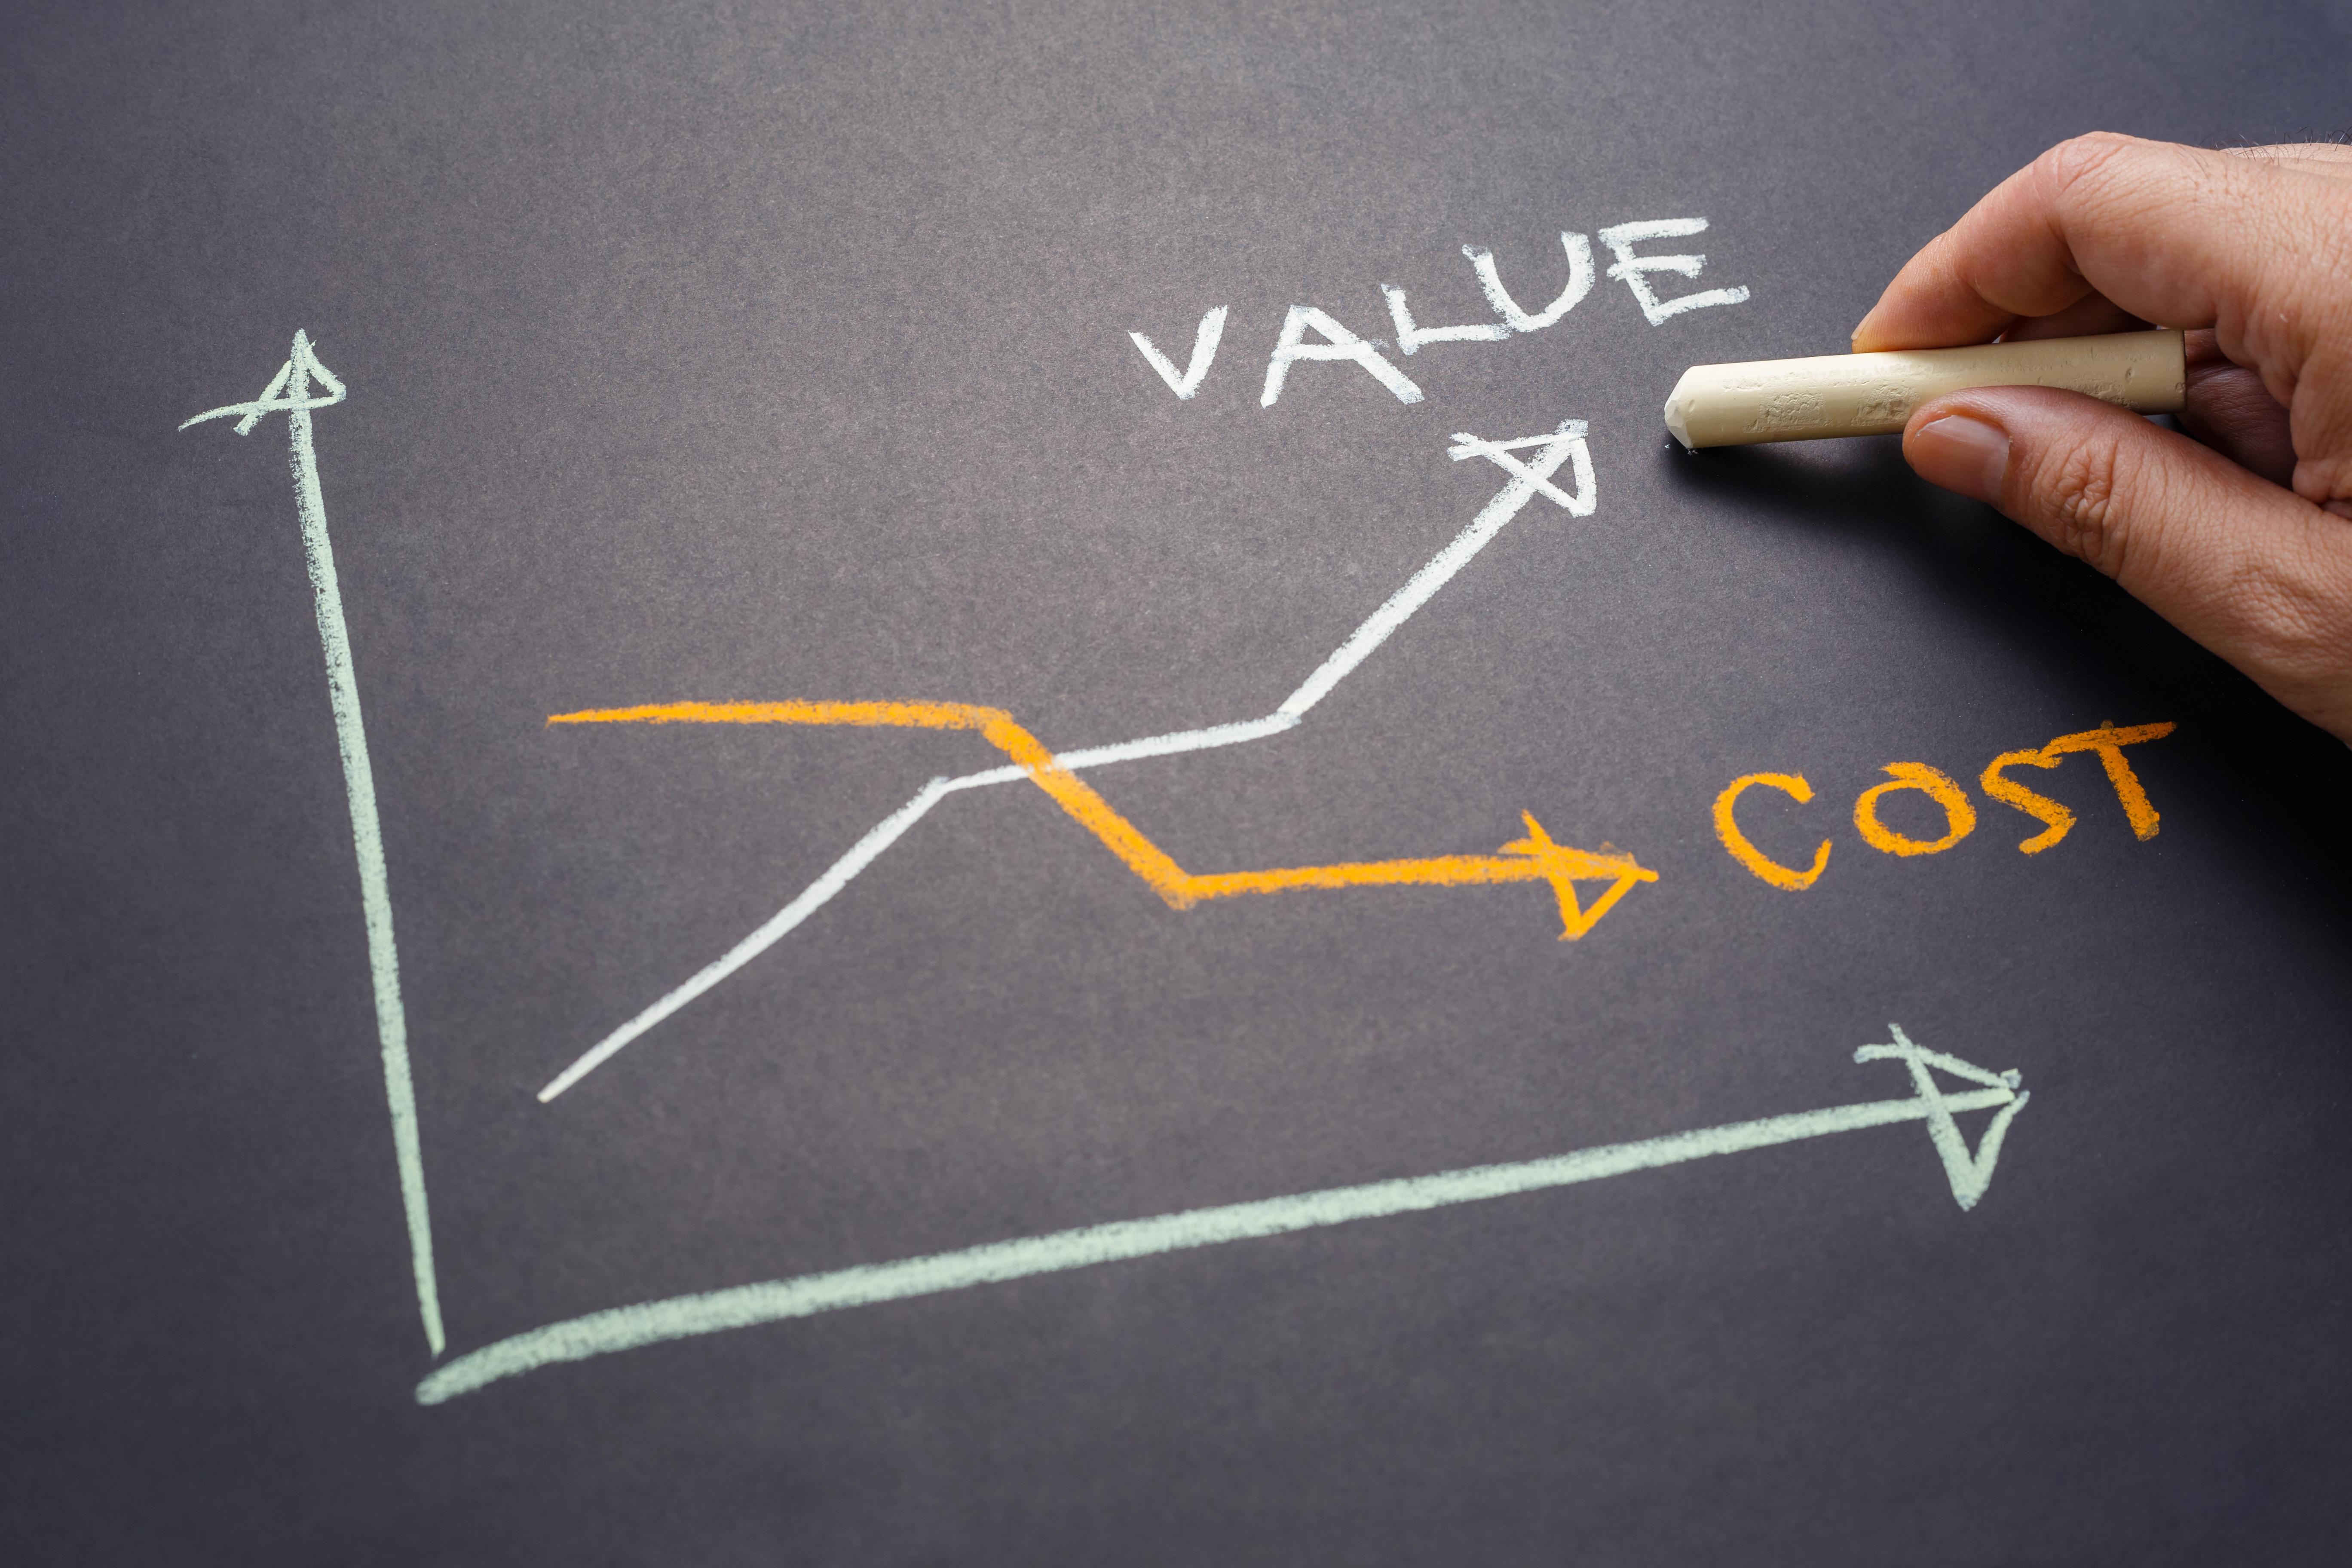 リアルタイムサーバー運用コストに関する課題と対策